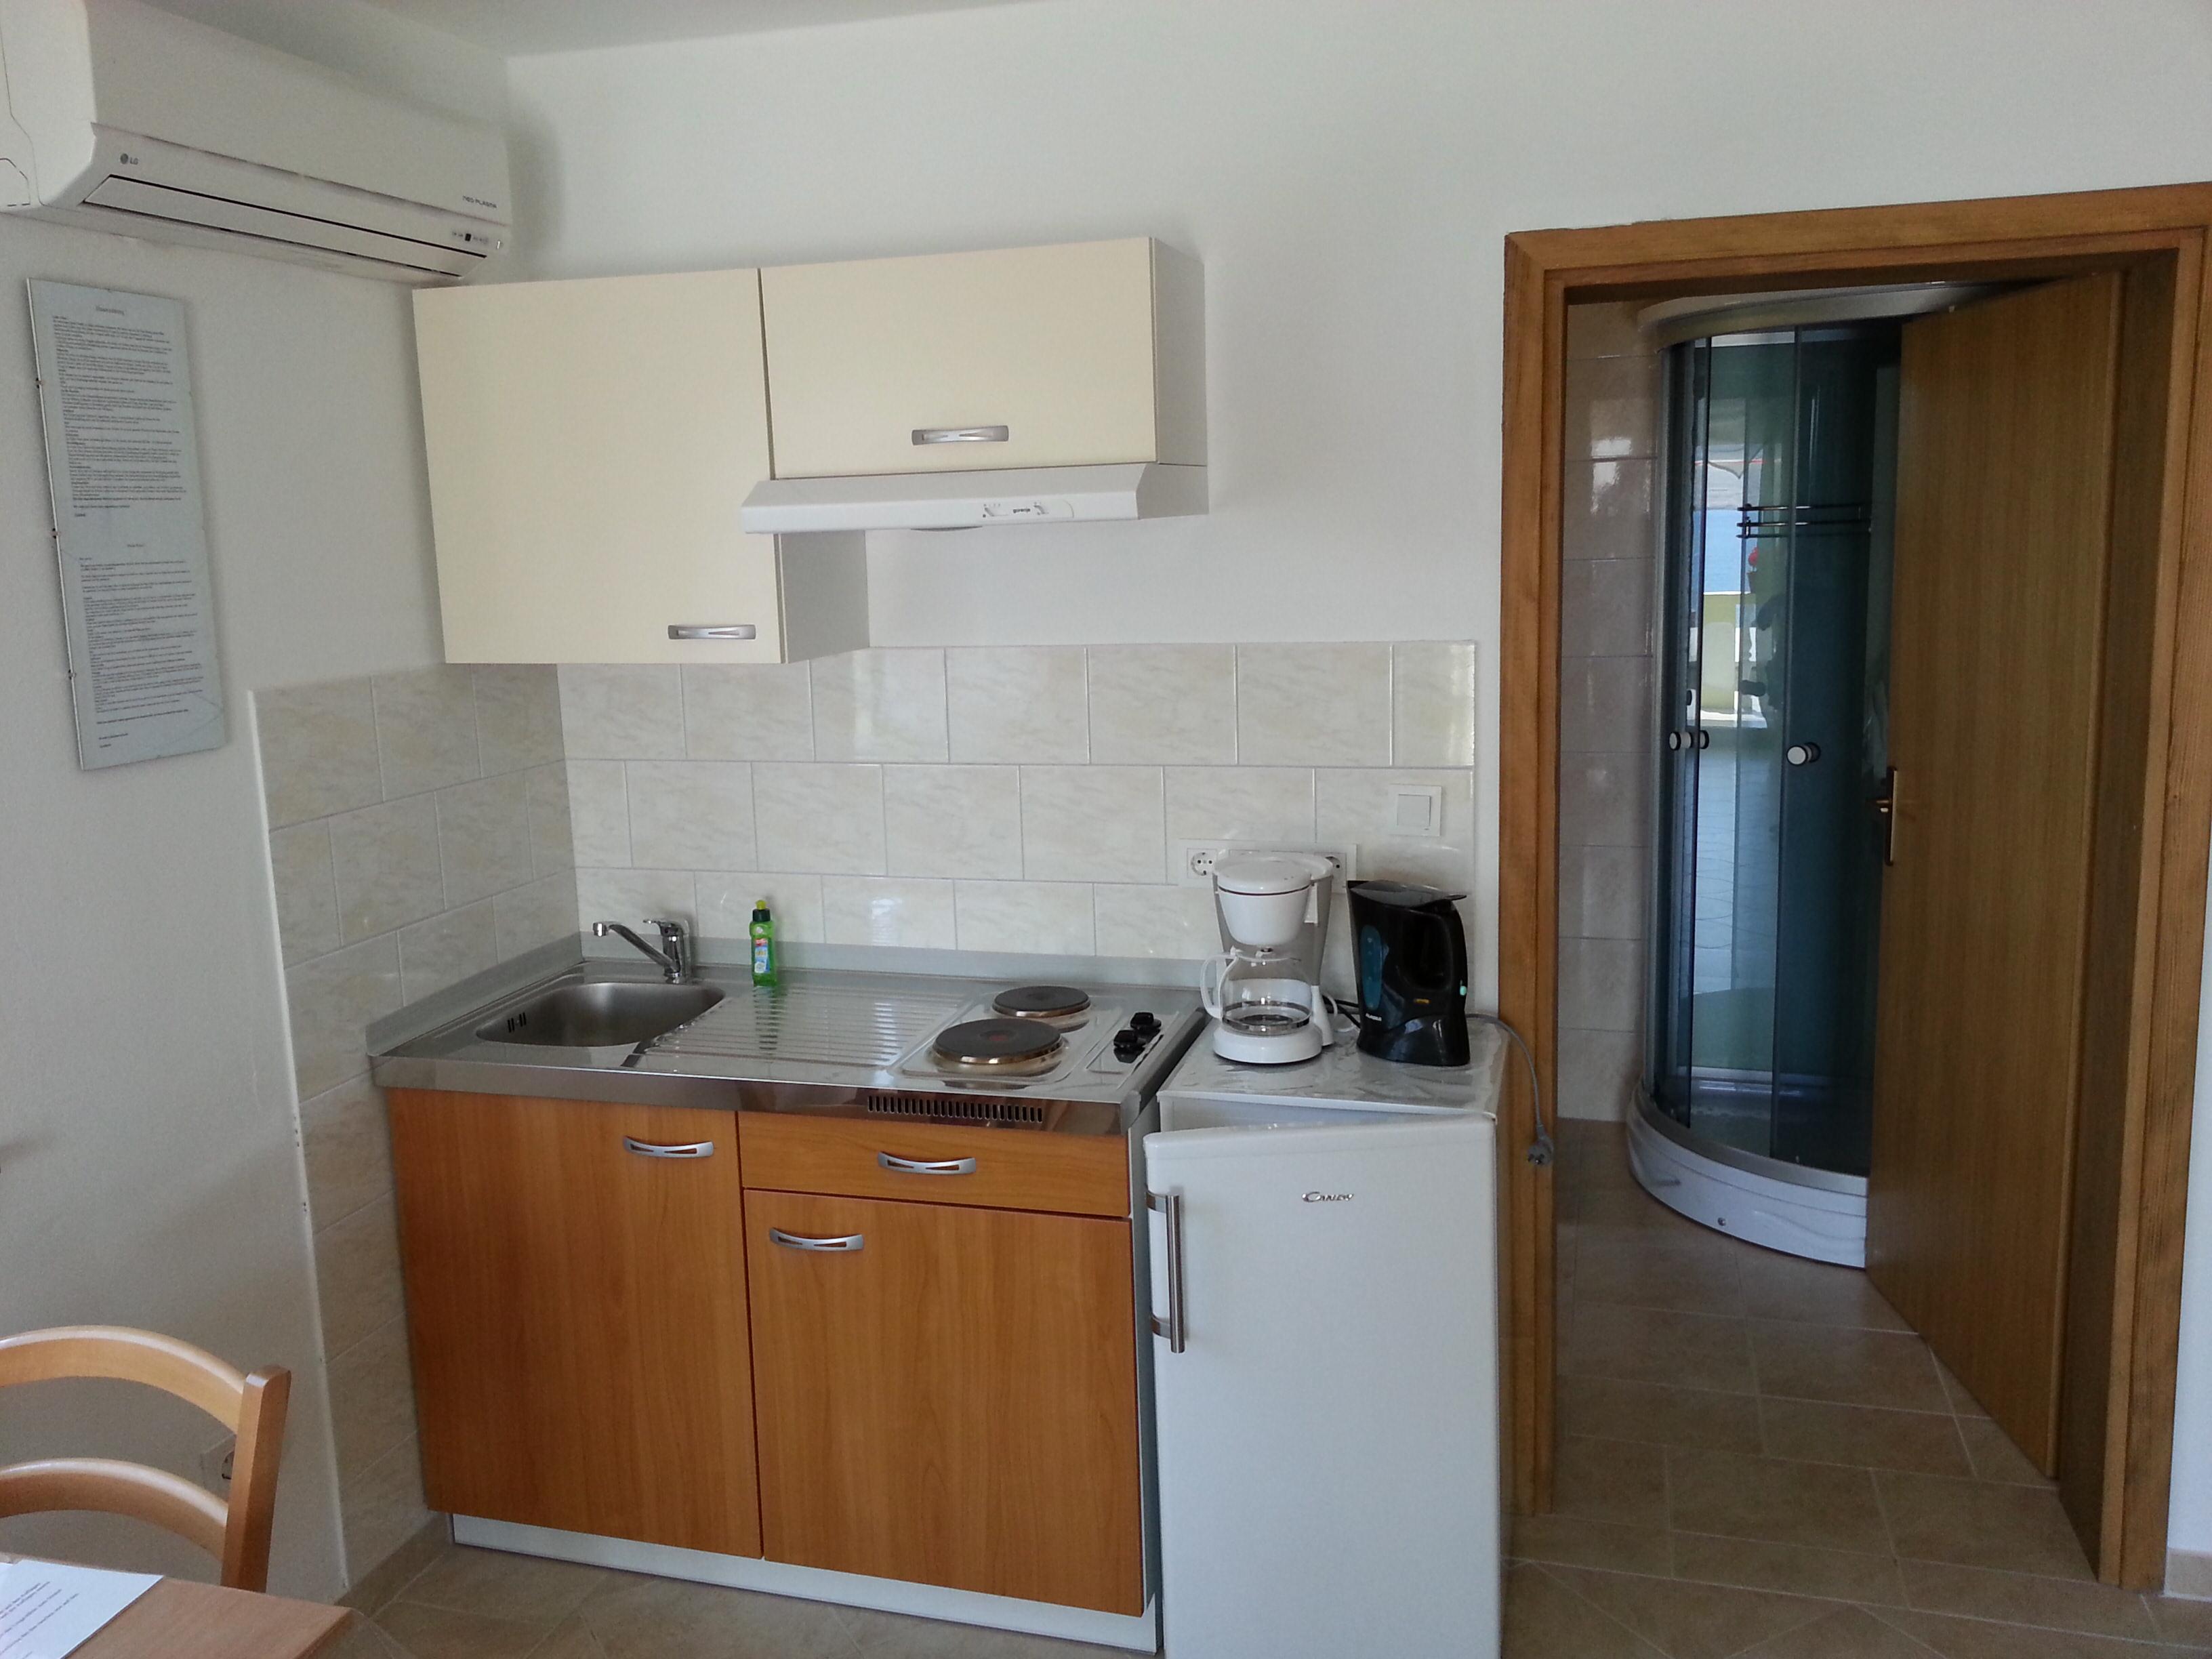 Ansicht der Kochnische für das Apartment unten rechts